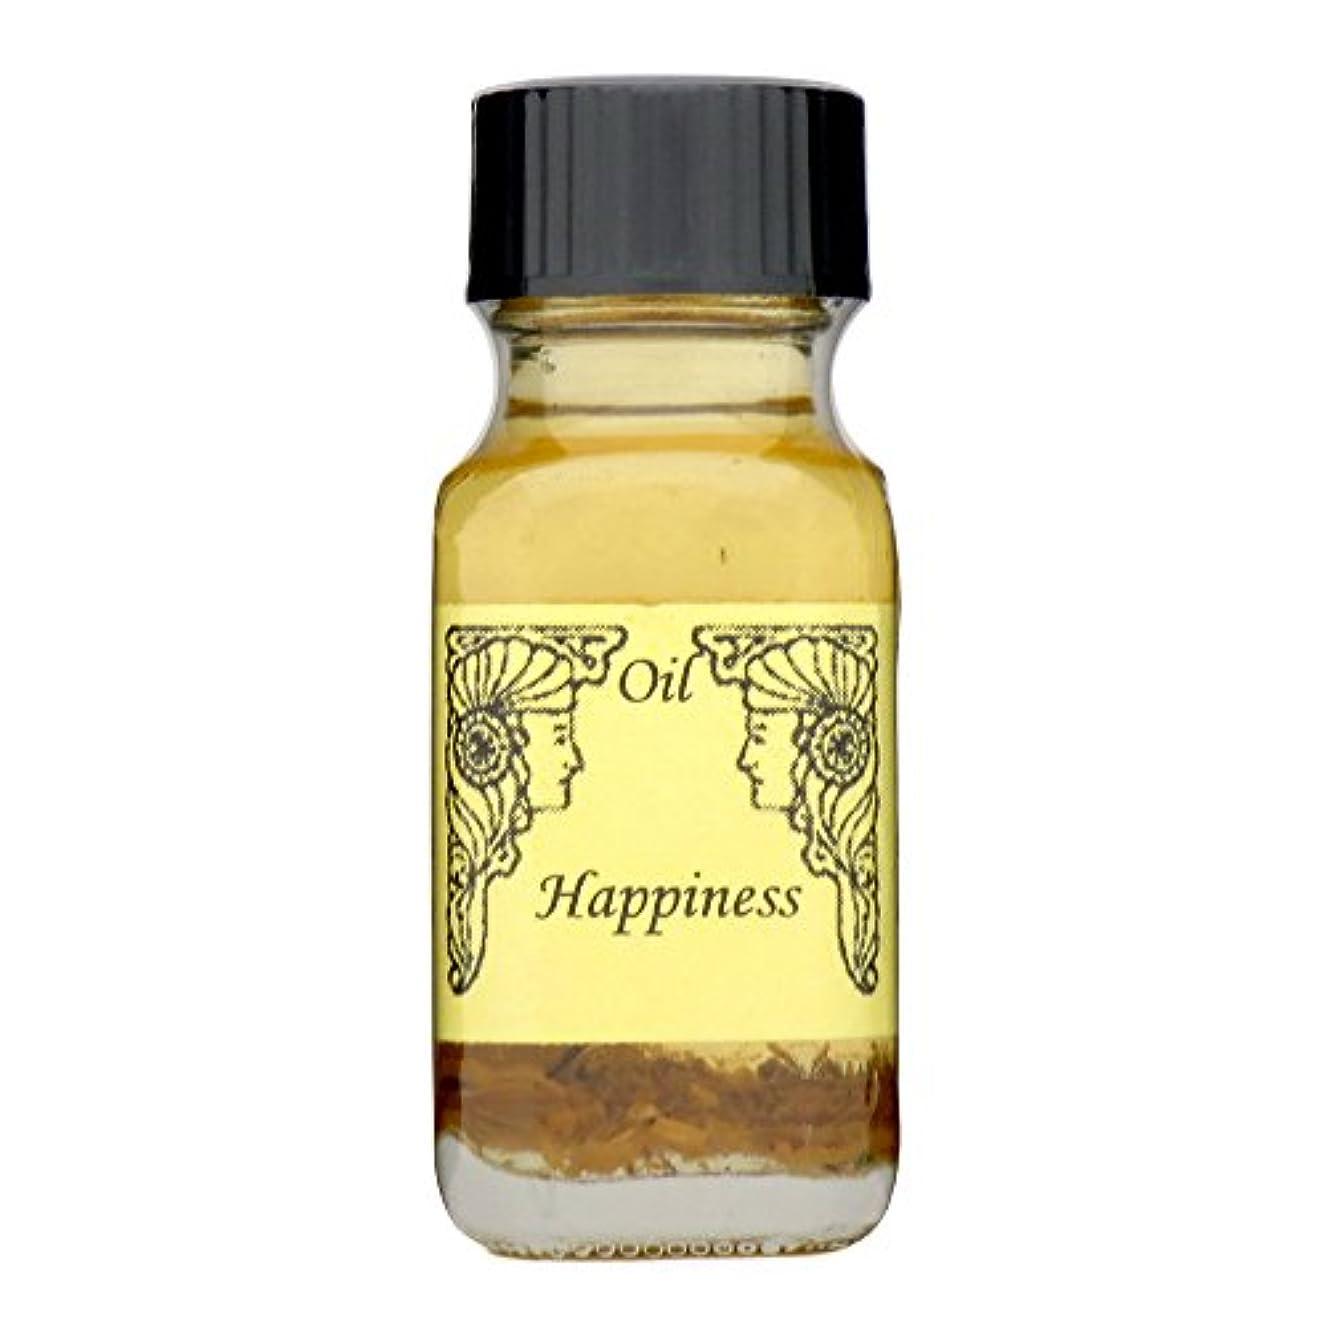 増幅する緯度柔らかさアンシェントメモリーオイル ハピネス (幸福) 15ml (Ancient Memory Oils)